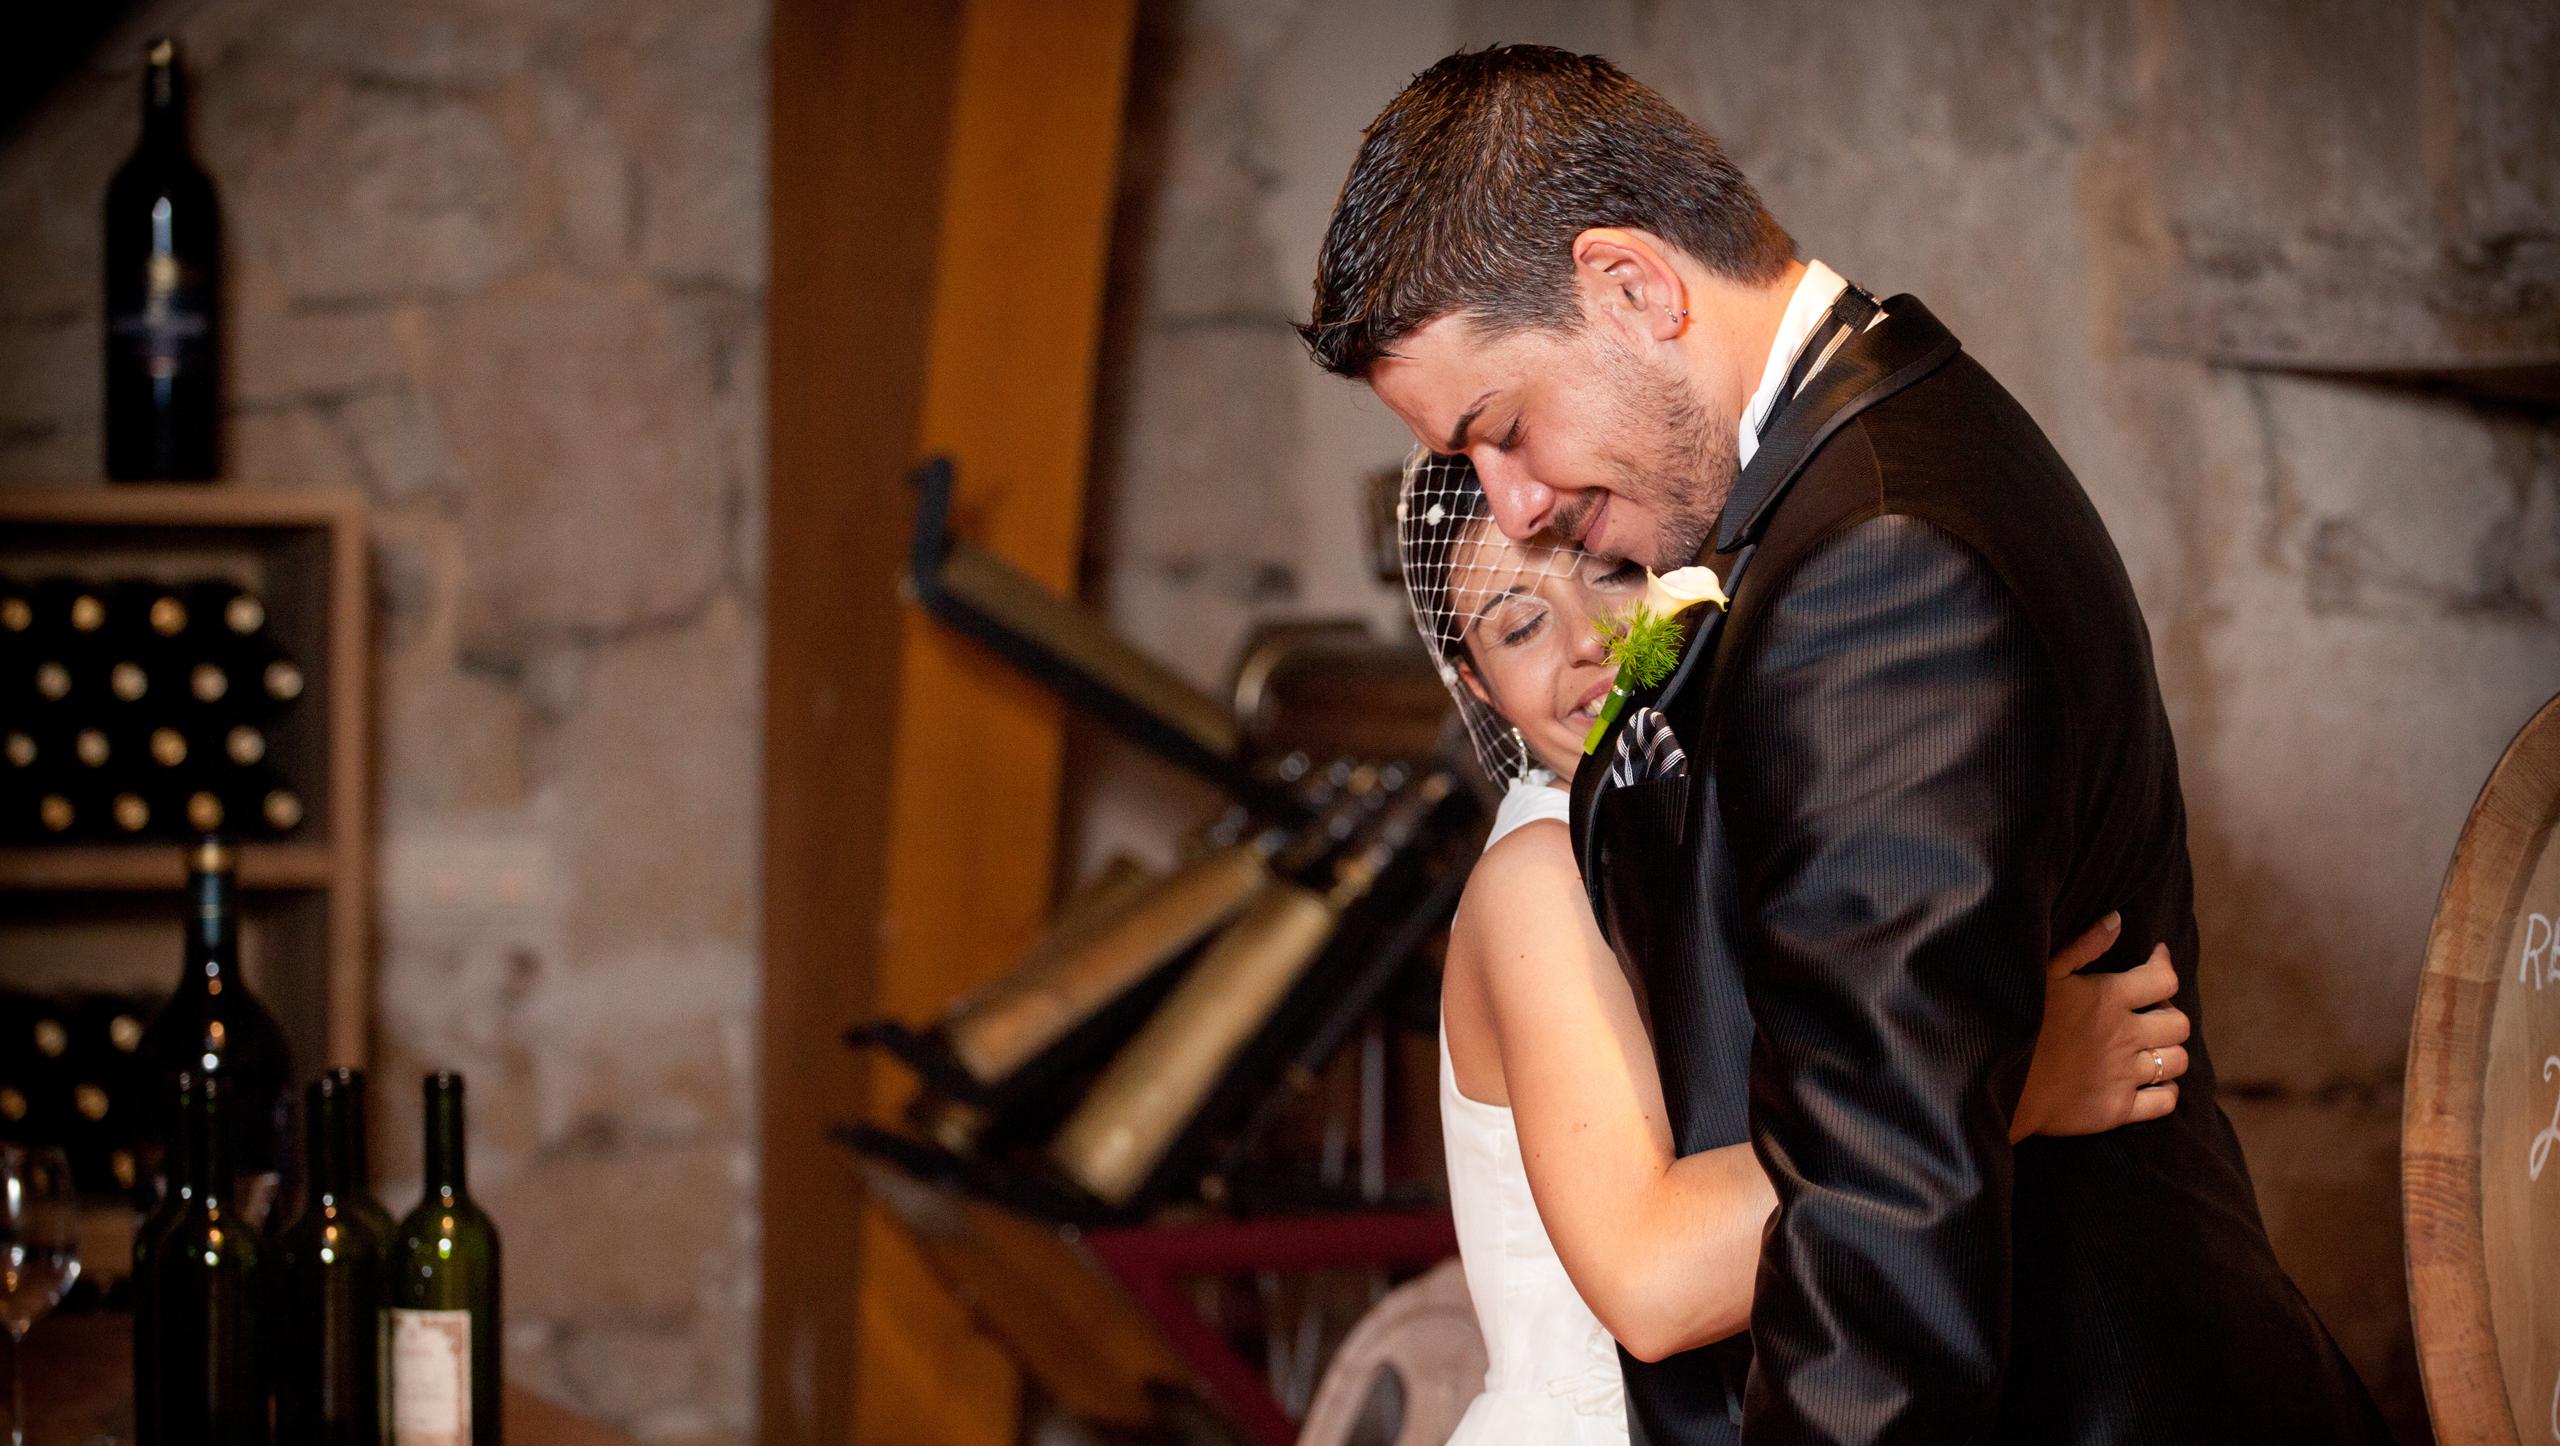 Fotografía y reportaje de la boda de Montse y Diego, realizado por David Ortiz Fotógrafo en Salamanca